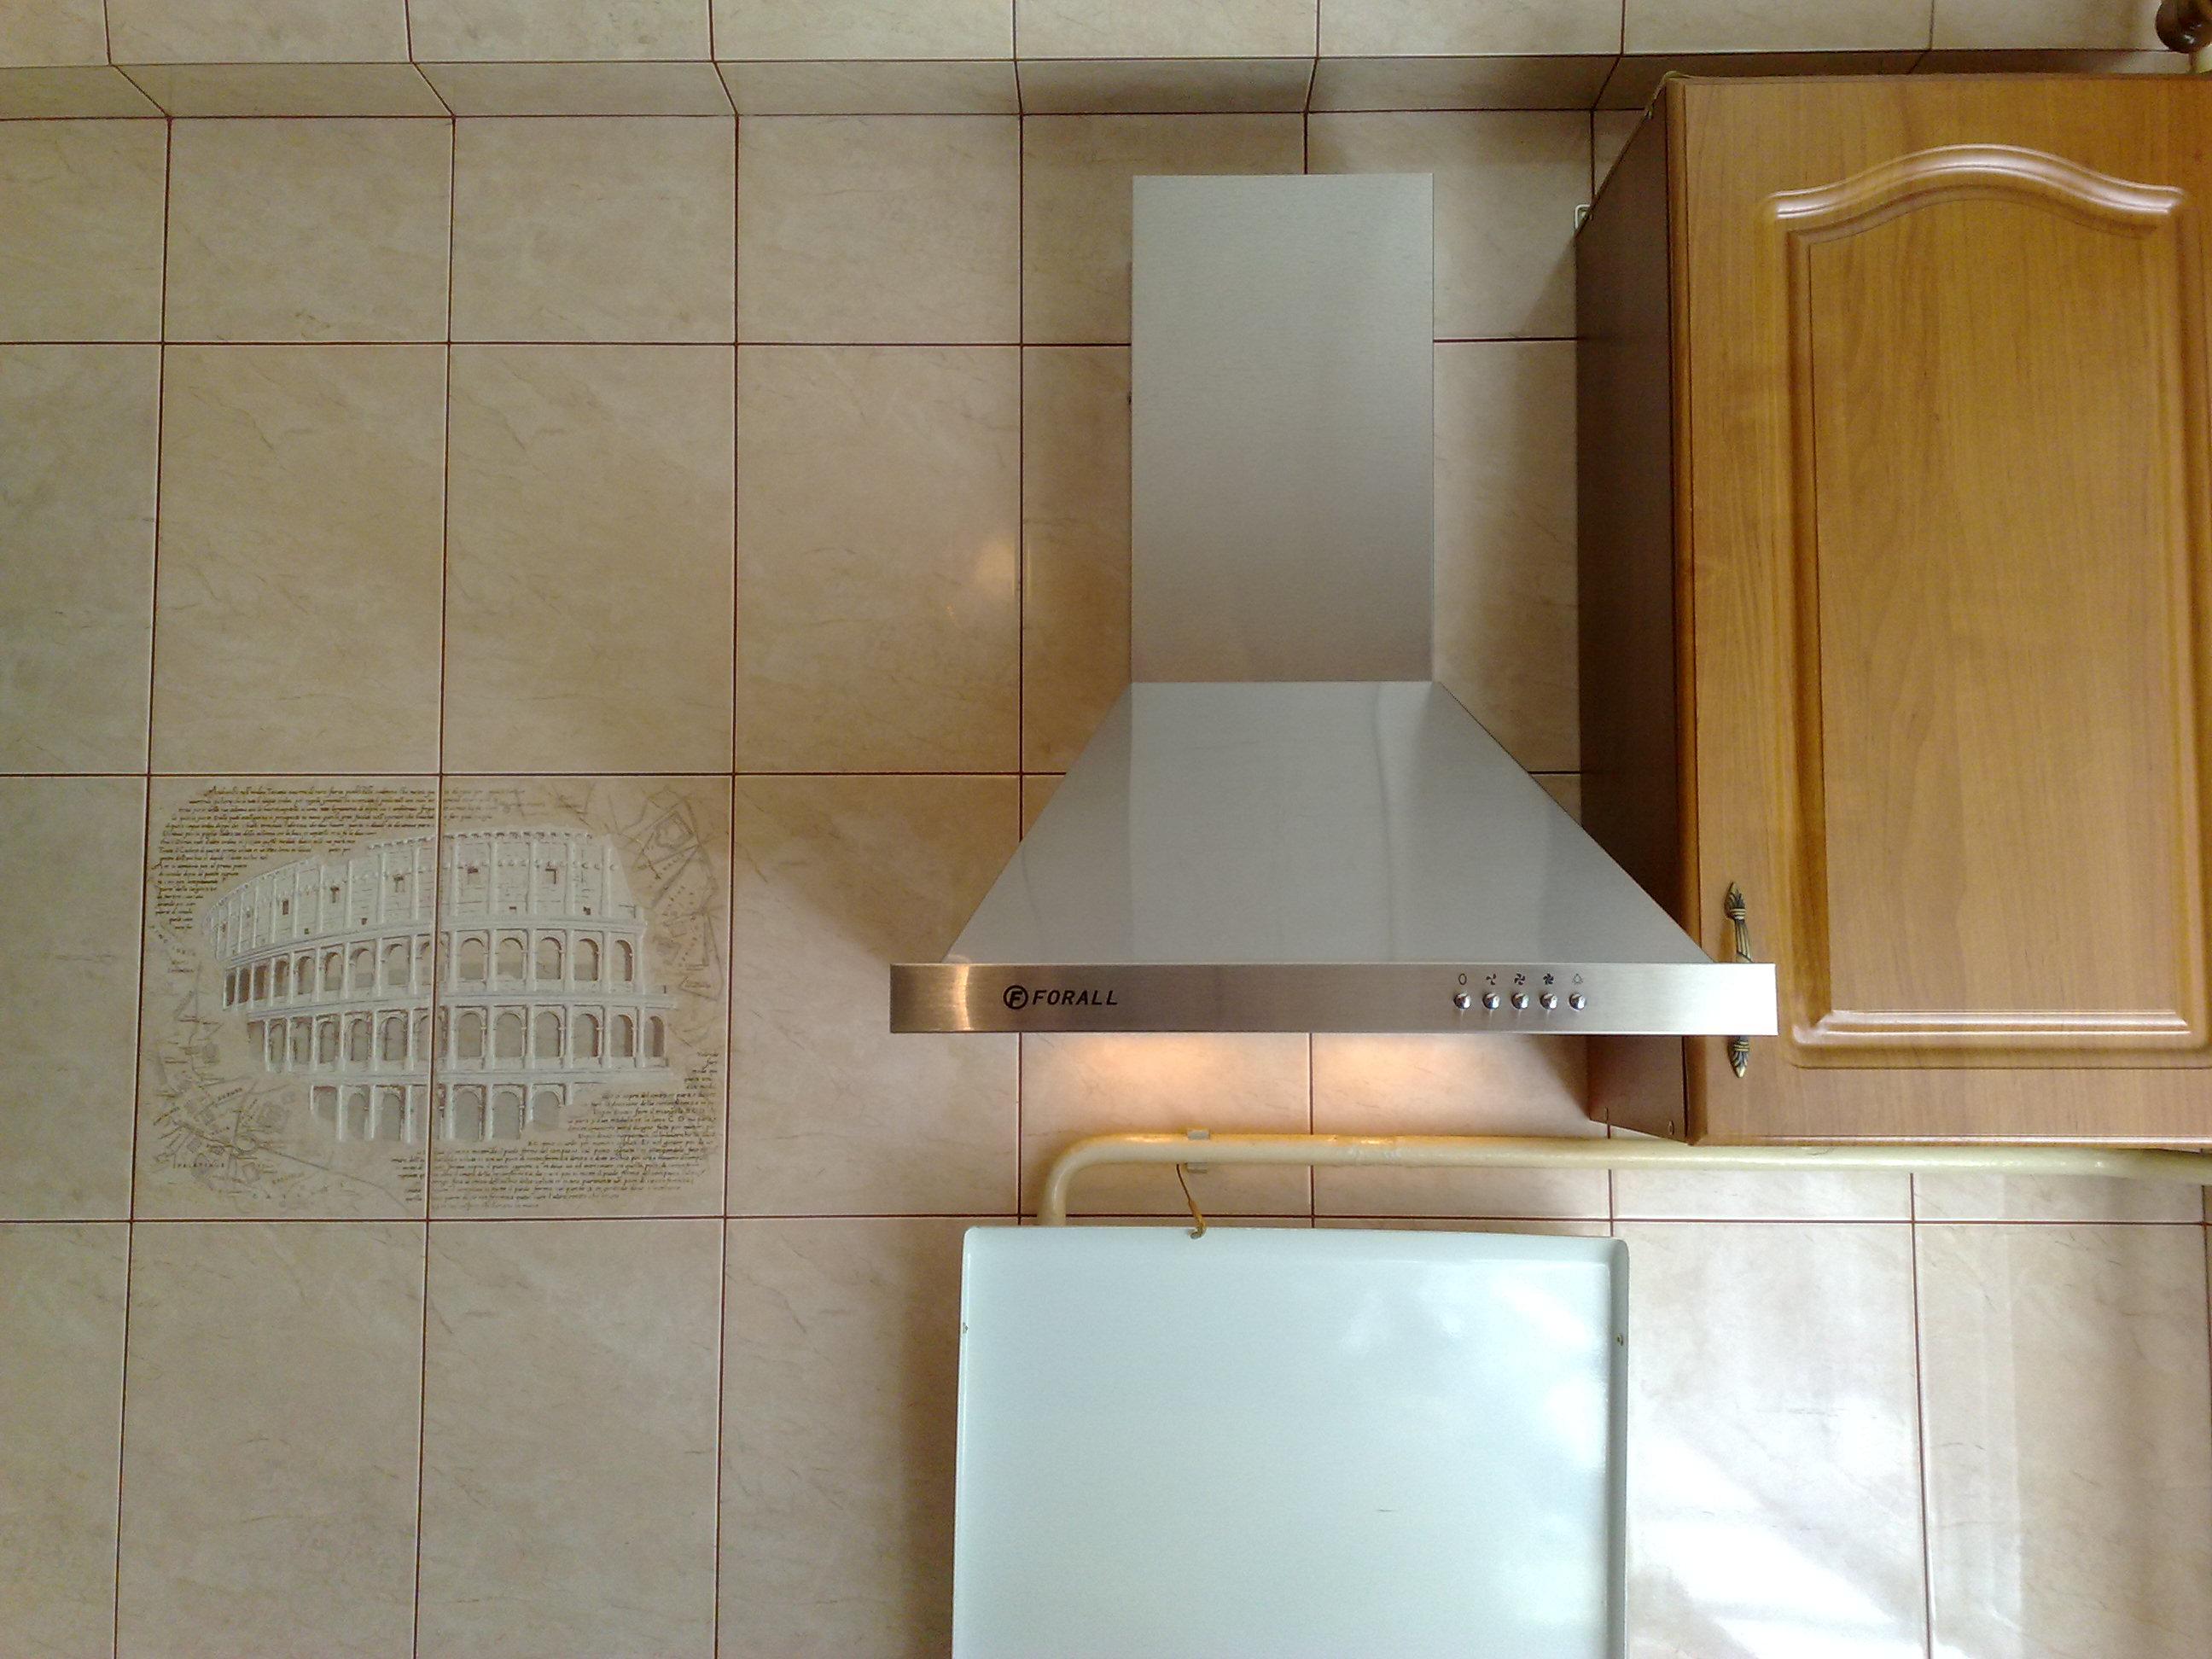 обратный клапан для вытяжки на кухне фото